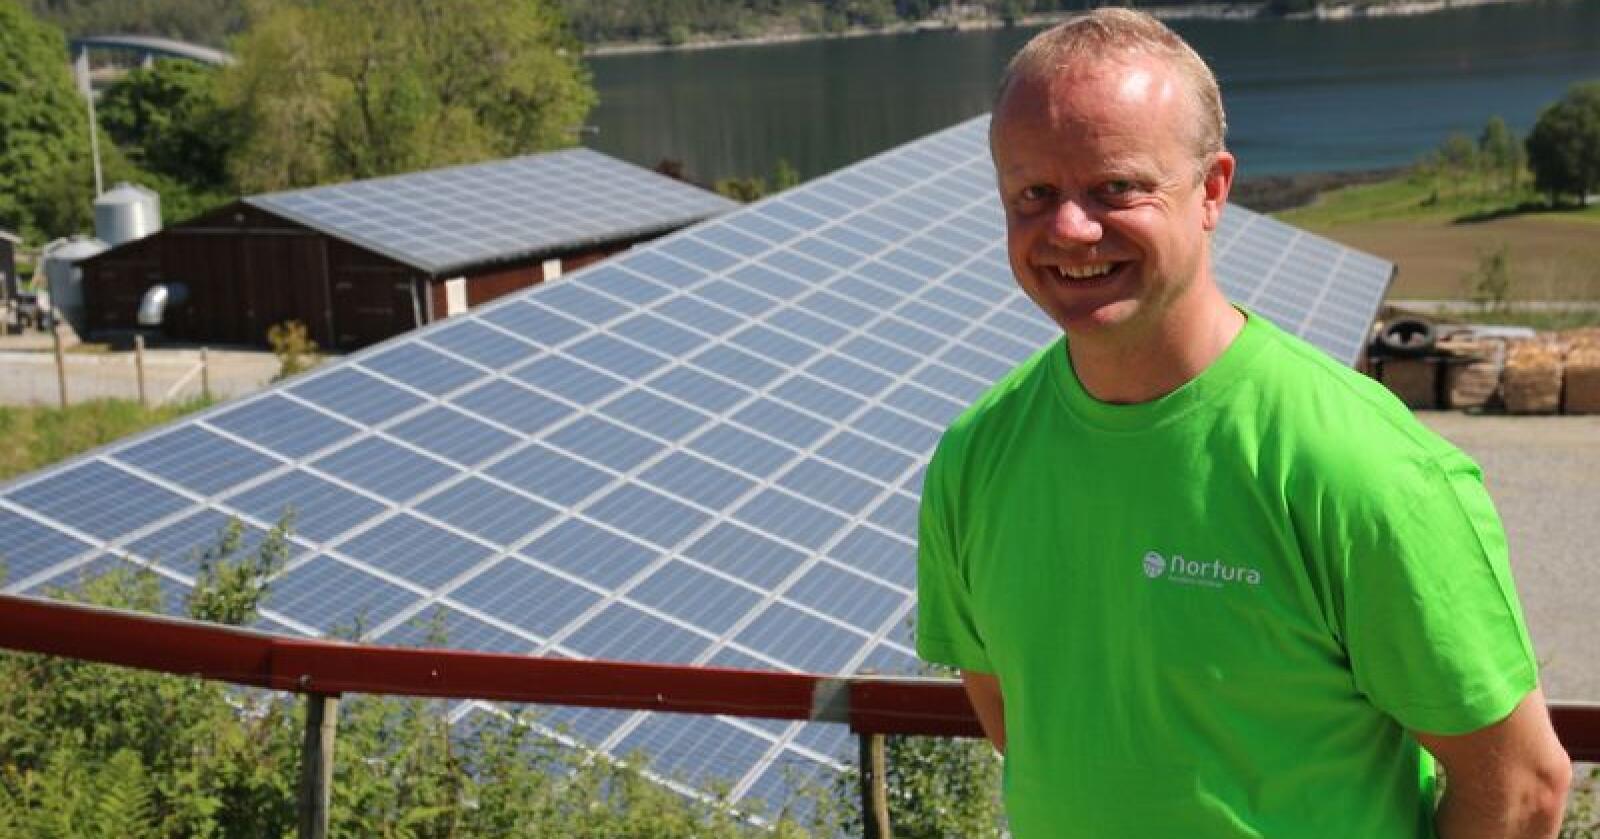 Anlegget til Olav Håkon Ulfsnes har vært i drift siden 5. april, men produserer ikke for fult på grunn av begrensningene i eksporten av strøm. Partnerne i prosjektet er enige om å bruke tiden fram til august på å finne den beste løsningen for strømeksporten til nettet. (Foto: Lars Olav Haug)